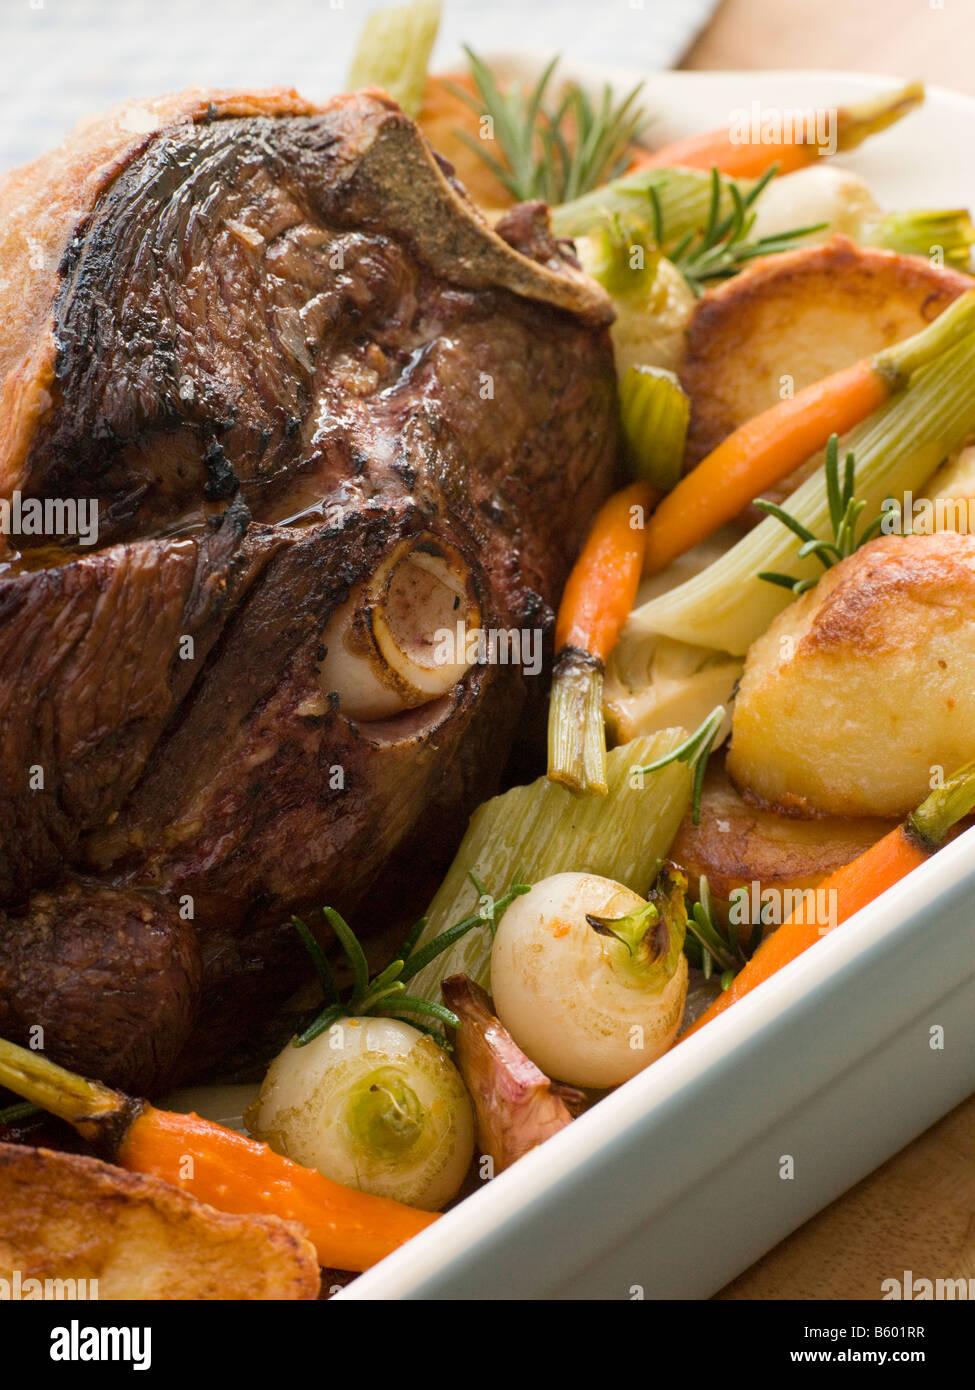 Rôti de longe de porc britannique avec grésillement Photo Stock